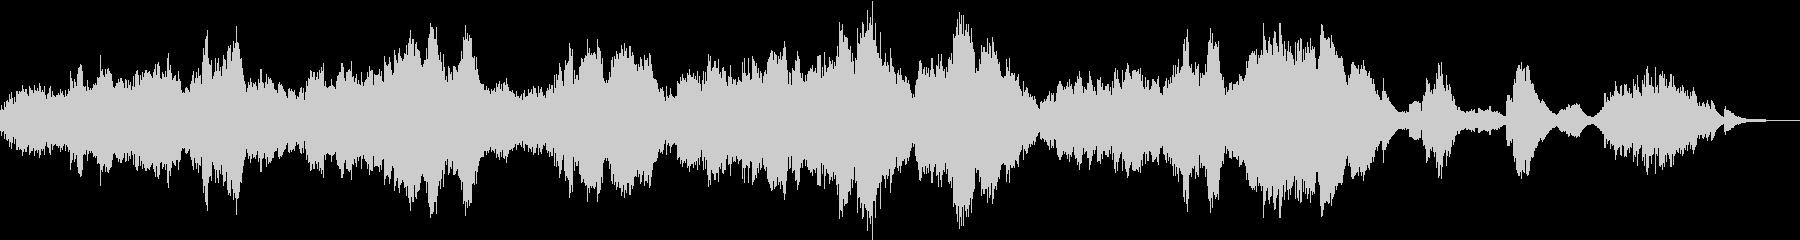 サン・サーンスの白鳥(チェロ&ピアノ)の未再生の波形